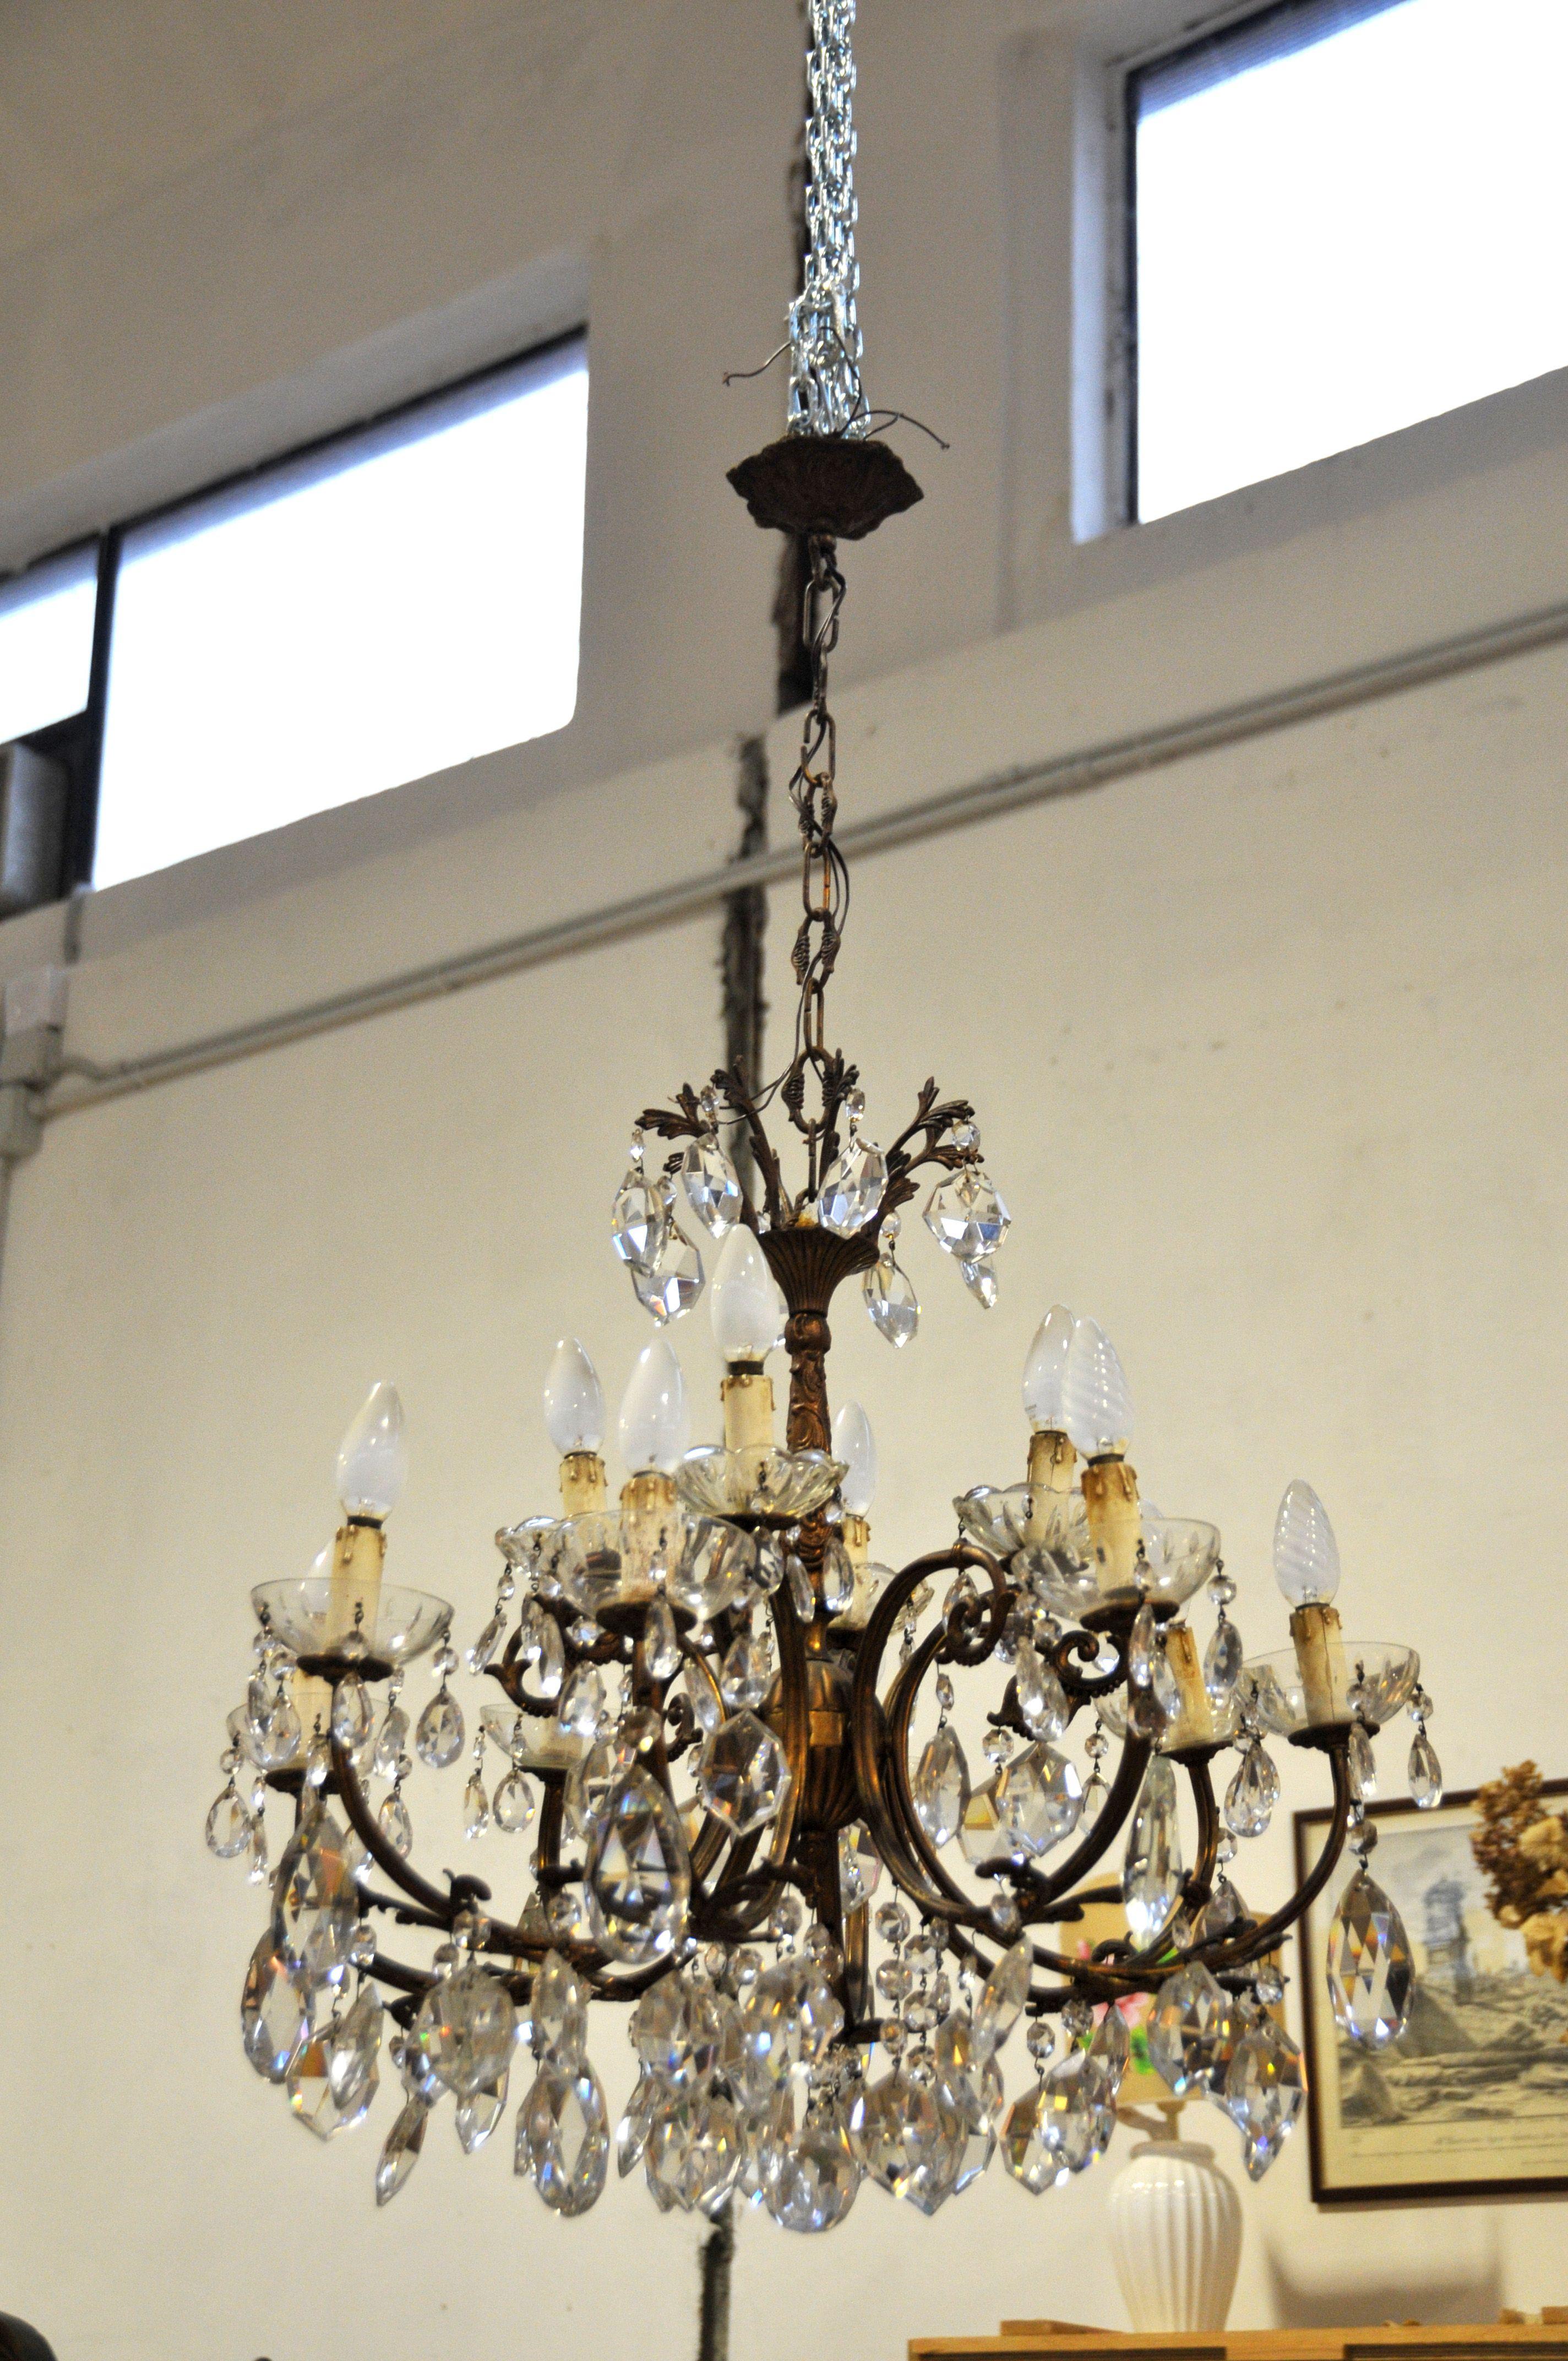 lampadario in cristallo, dei primi anni del 900, restaurato. Lampadario In Ottone E Gocce Di Cristallo Lampadari Lampadario Goccia Di Cristallo